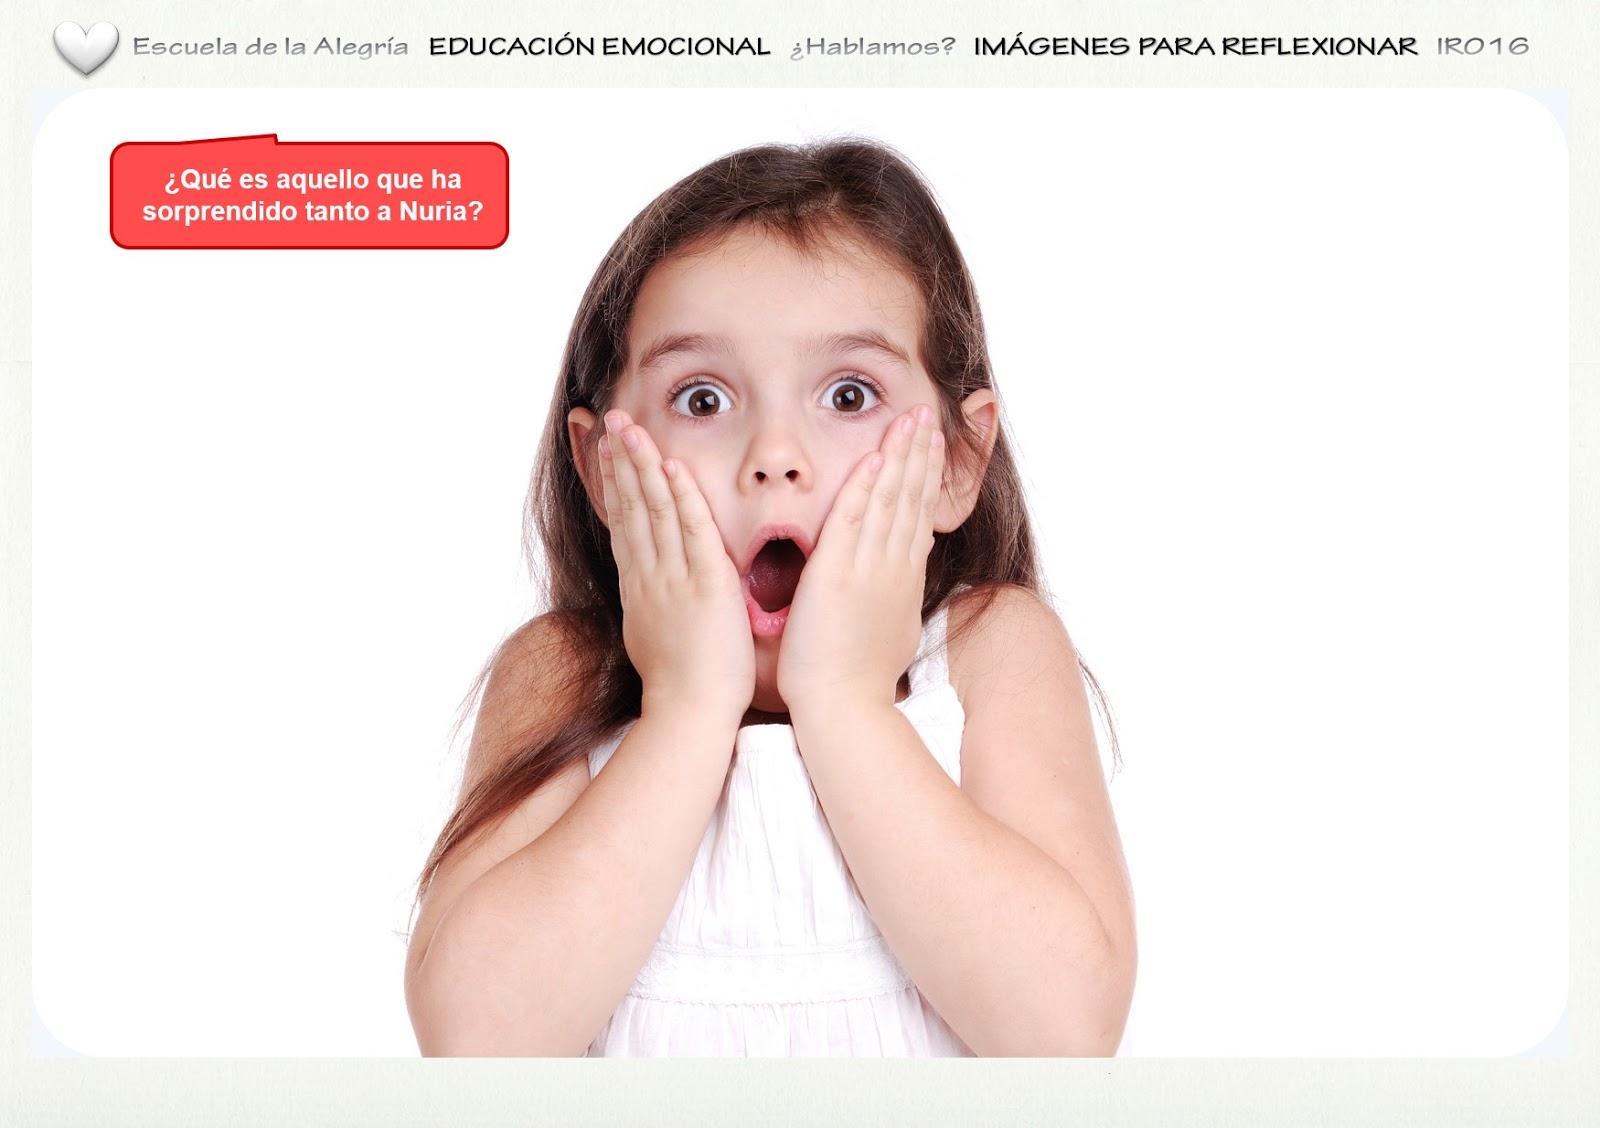 La Inteligencia Emocional En Los Niños.: Educar Las